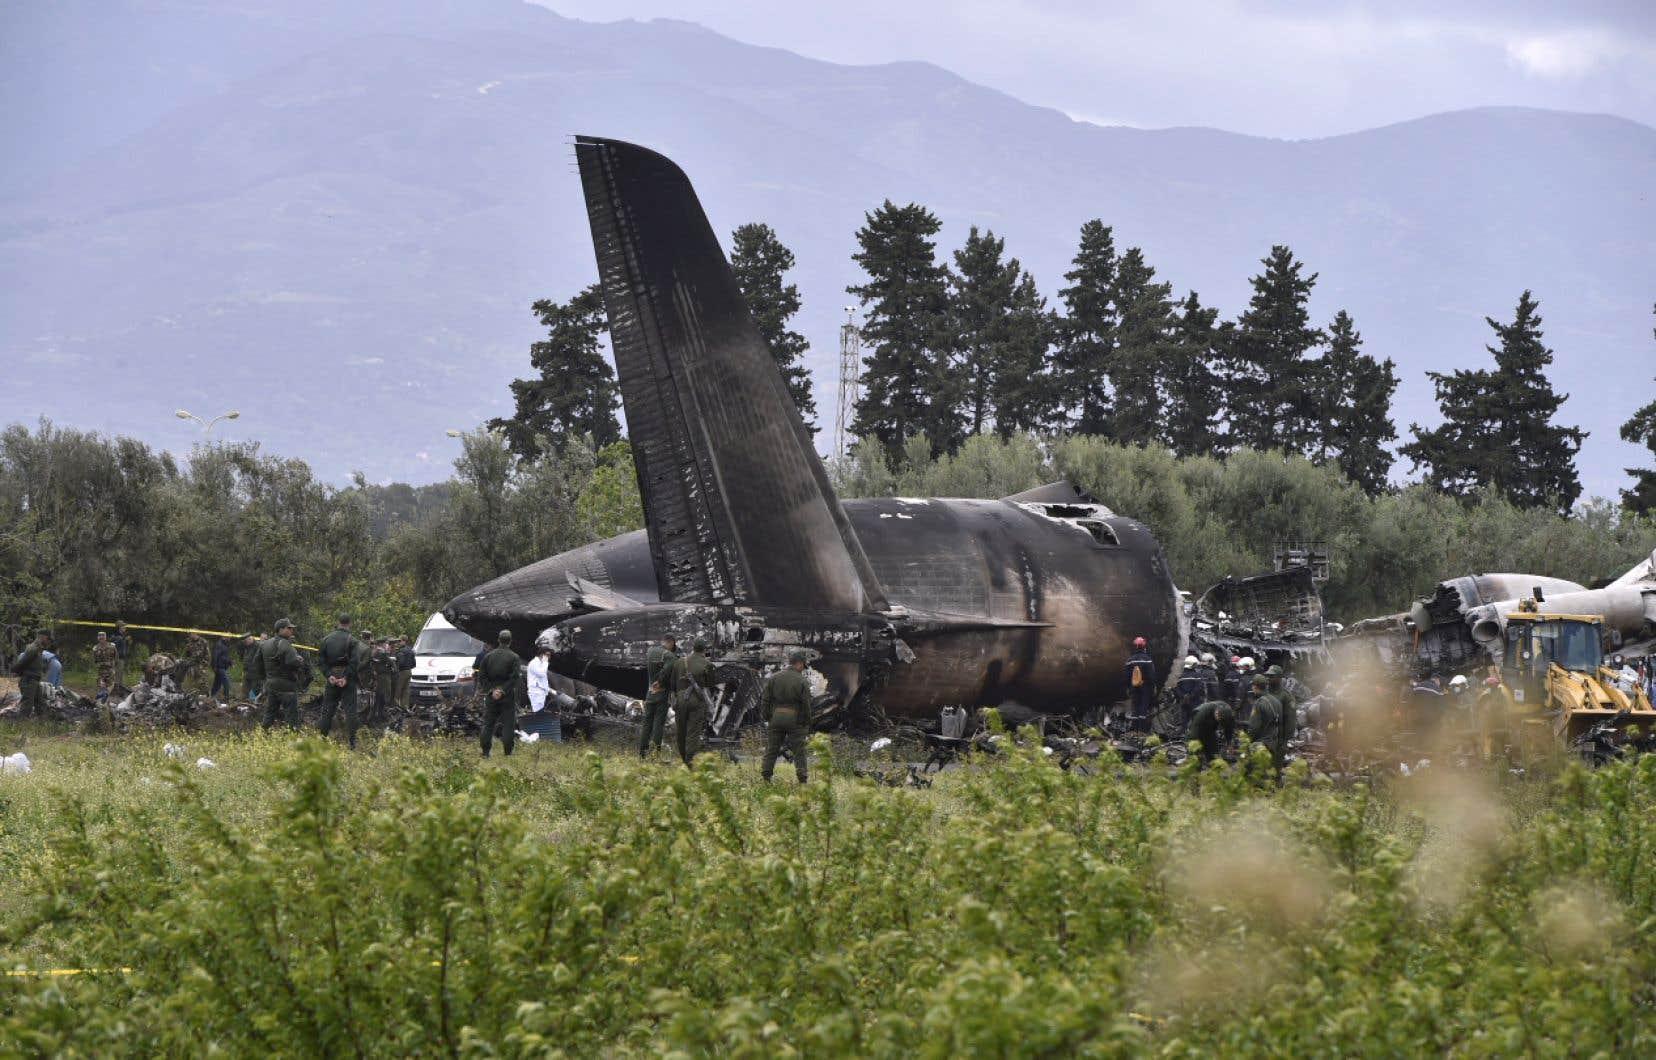 Un photographe de l'AFP sur place pouvait voir l'épave calcinée et noircie de l'appareil dans une zone inhabitée, un champ situé à une centaine de mètres des murs d'enceinte de la base aérienne.